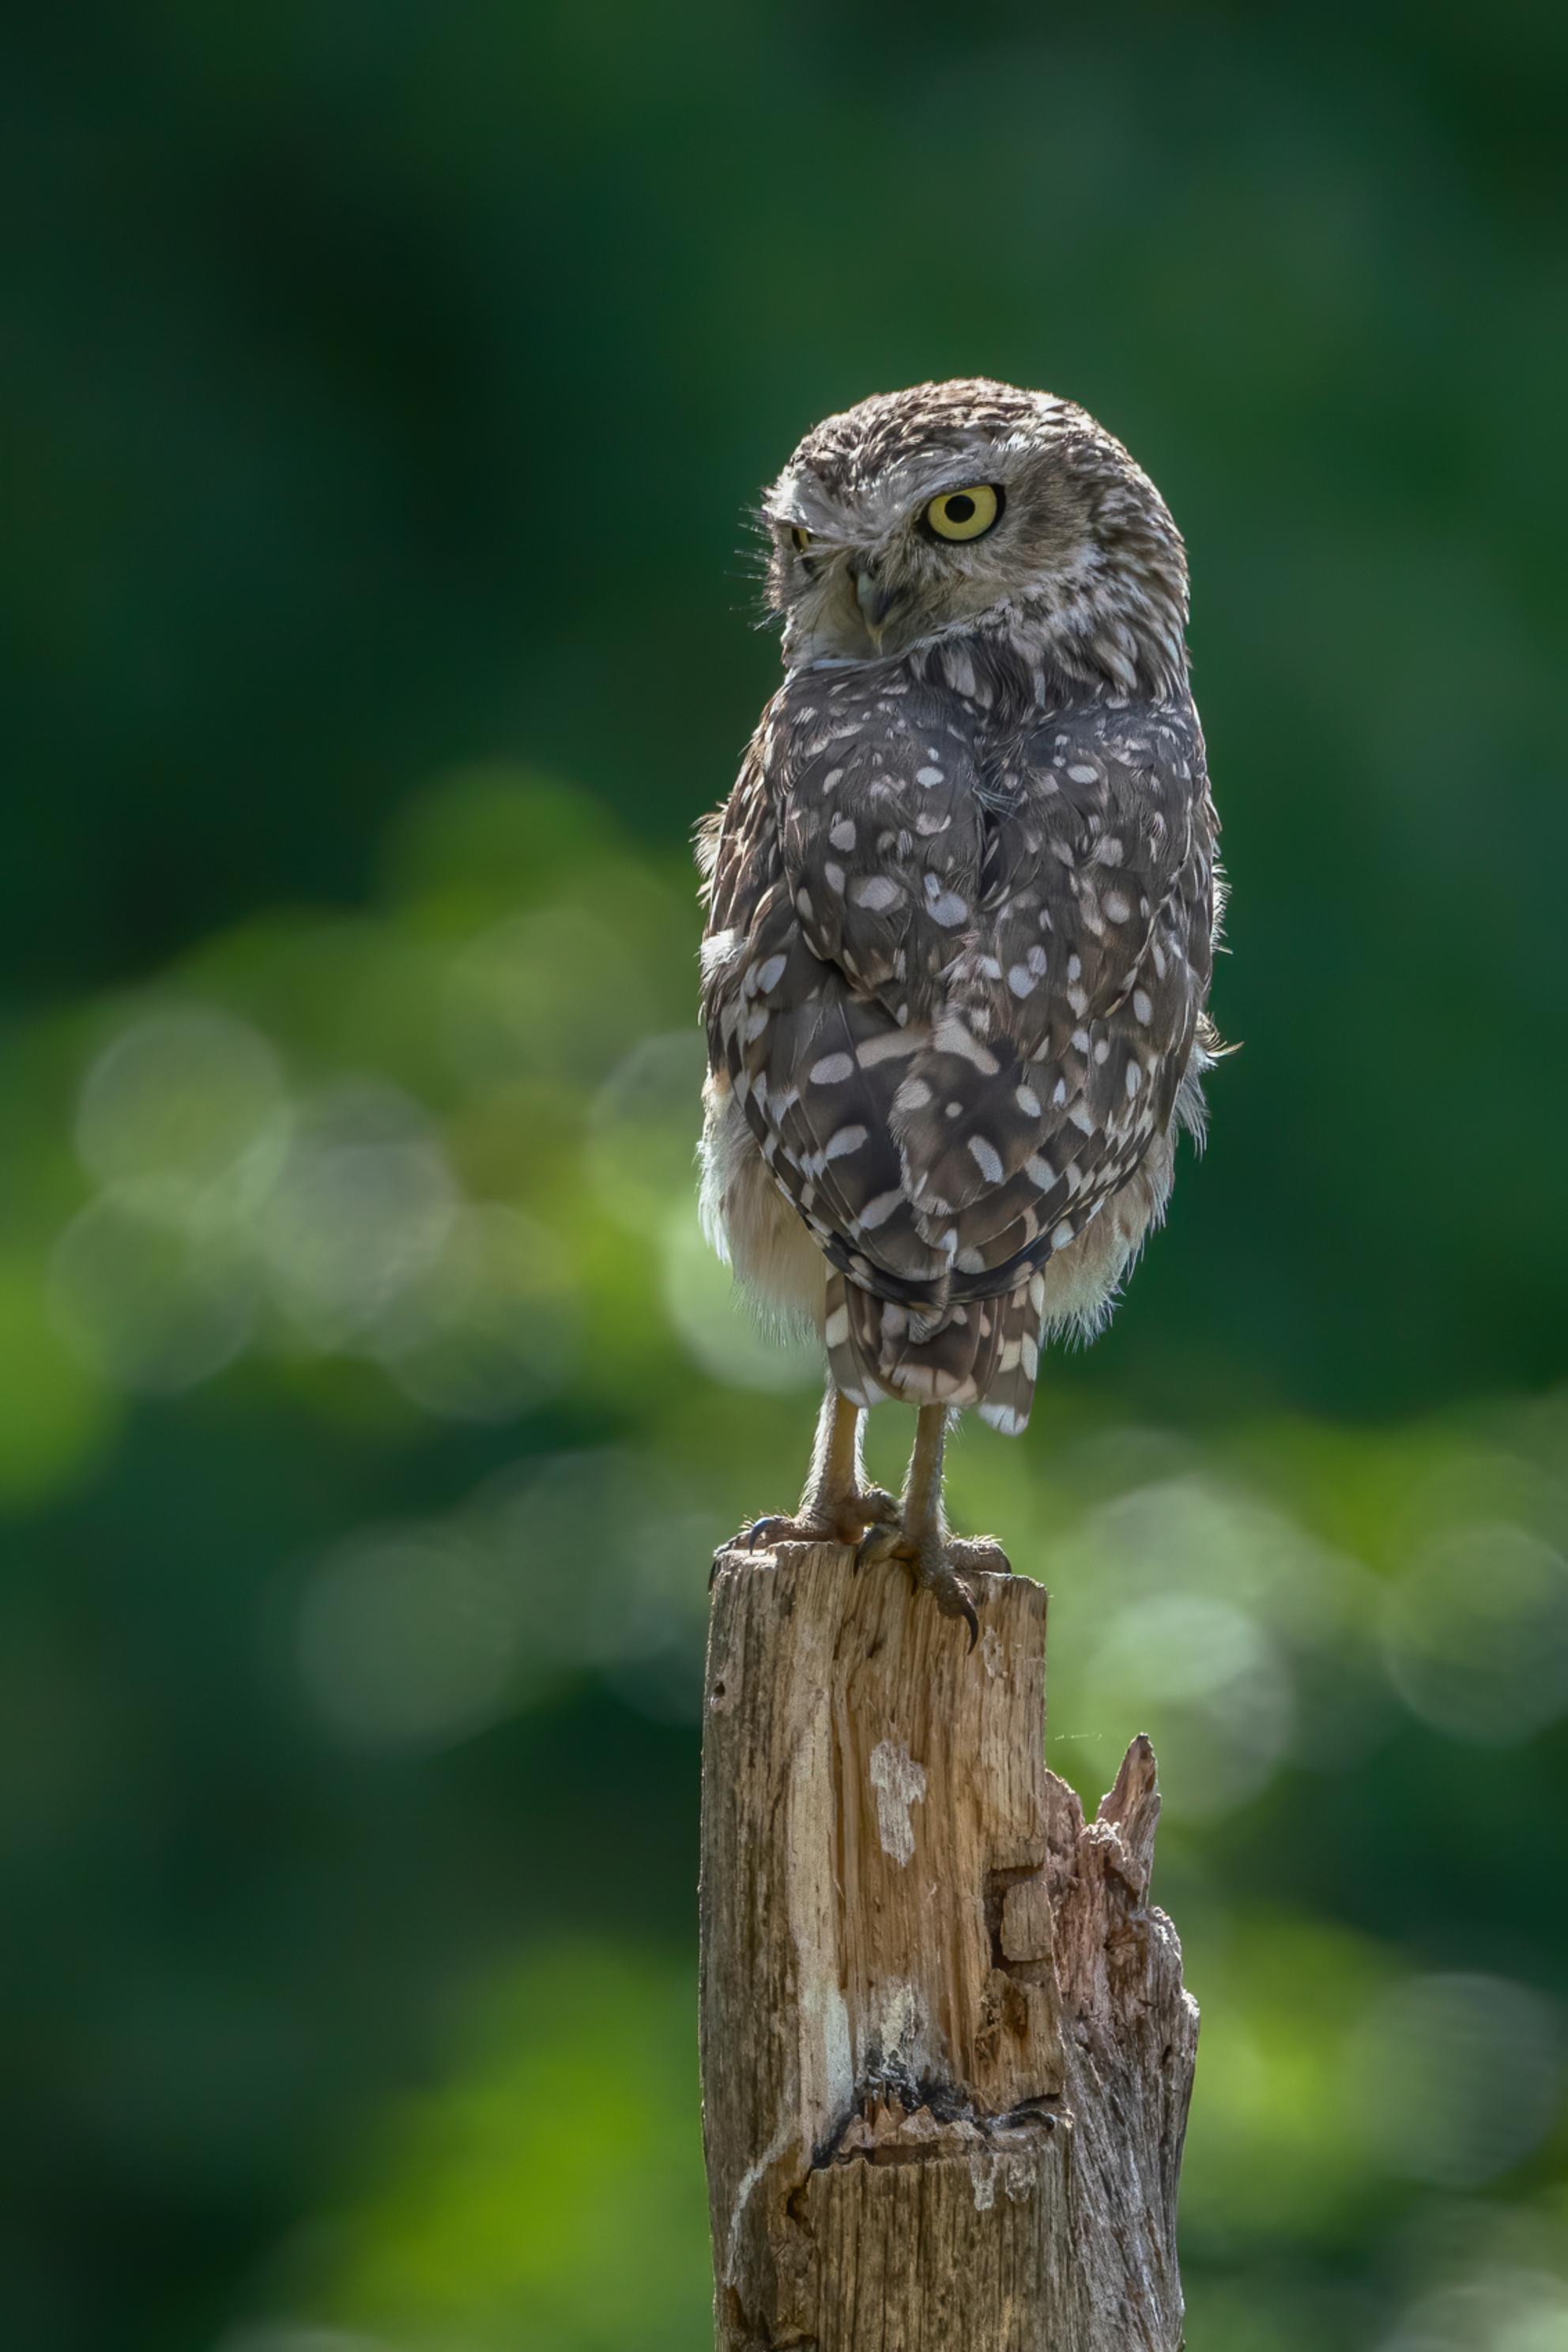 Op de uitkijk. - Bedankt voor de leuke en bemoedigende reacties en stemmen op mijn vorige foto`s.  Fijne dag allemaal!  Groetjes, Albert - foto door AGDBeukhof op 27-05-2020 - deze foto bevat: groen, uil, natuur, vogels, dieren, roofvogels, uitkijk, paaltje, bokeh, holenuil, gele ogen, groene achtergrond